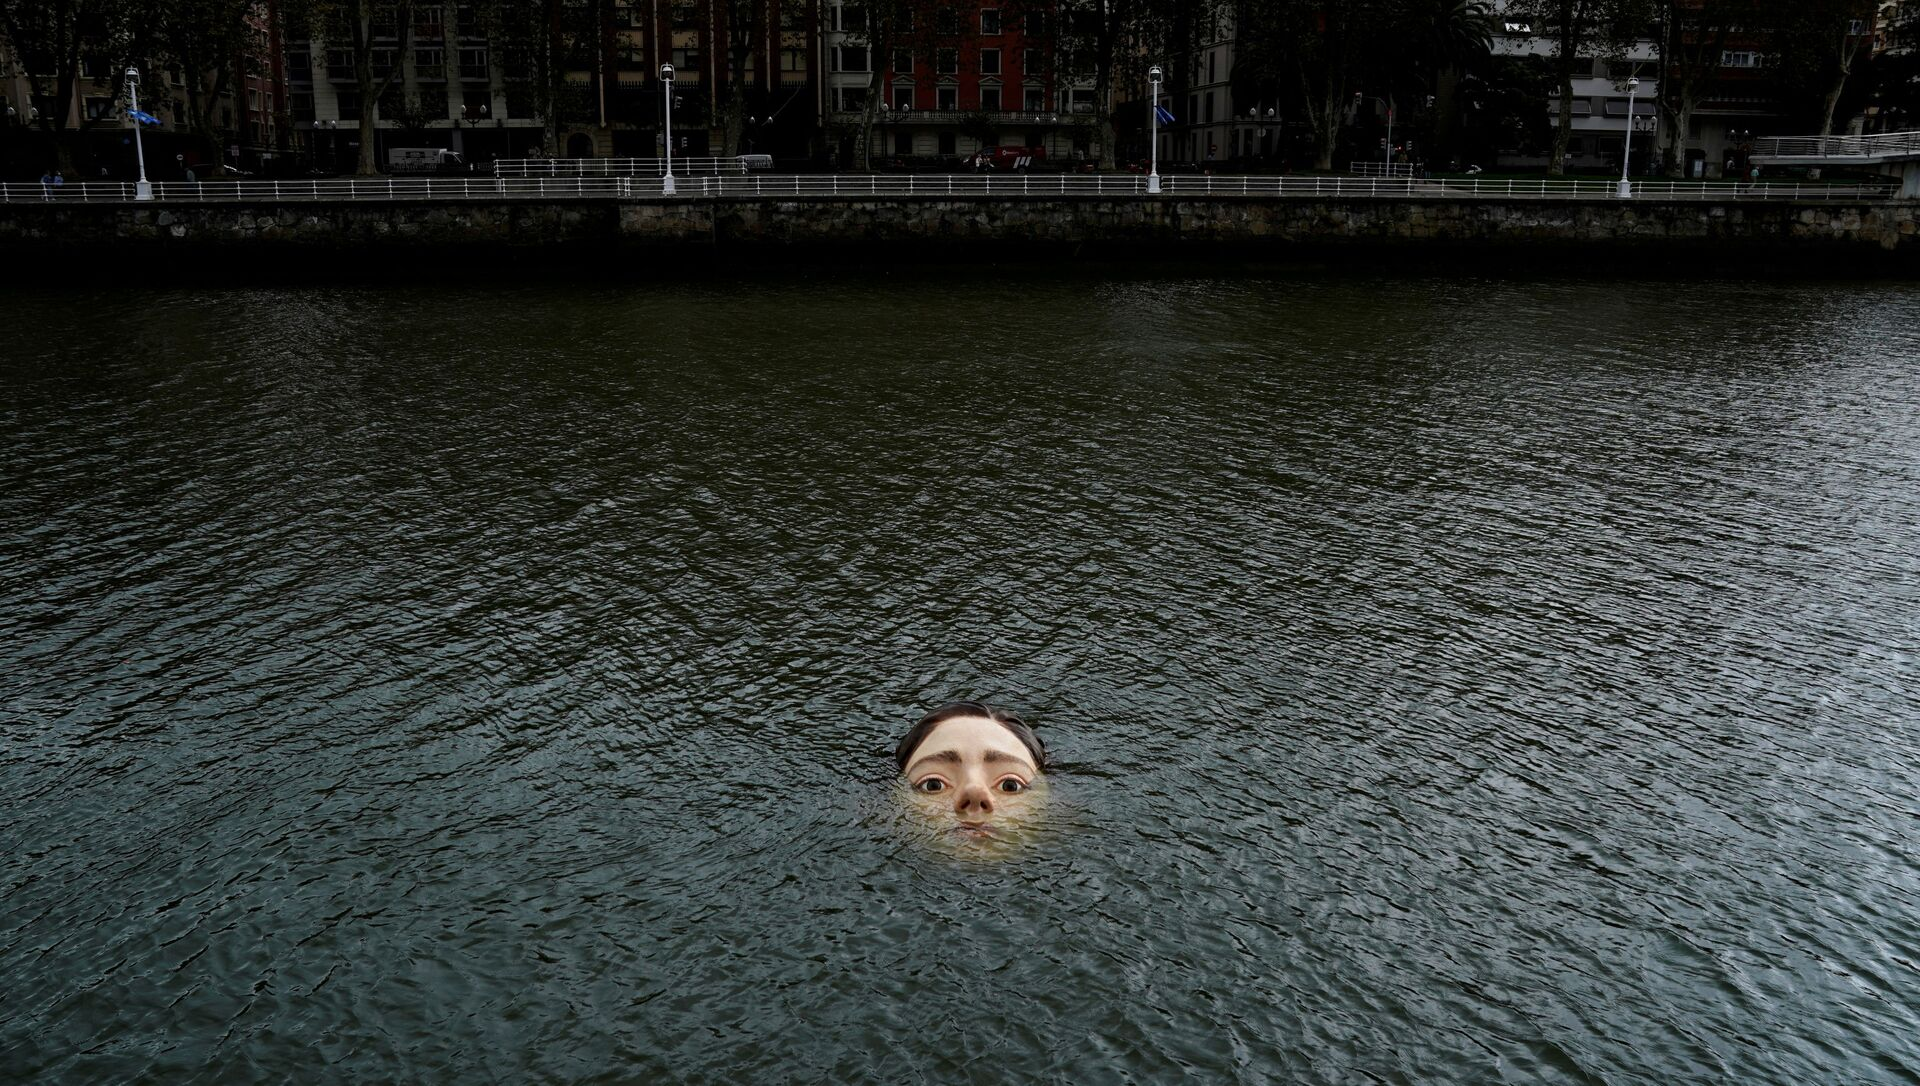 スペイン・ビルバオ市河川の「溺れる少女」プロジェクト主催者:私たちみんな、そして未来のため - Sputnik 日本, 1920, 01.10.2021